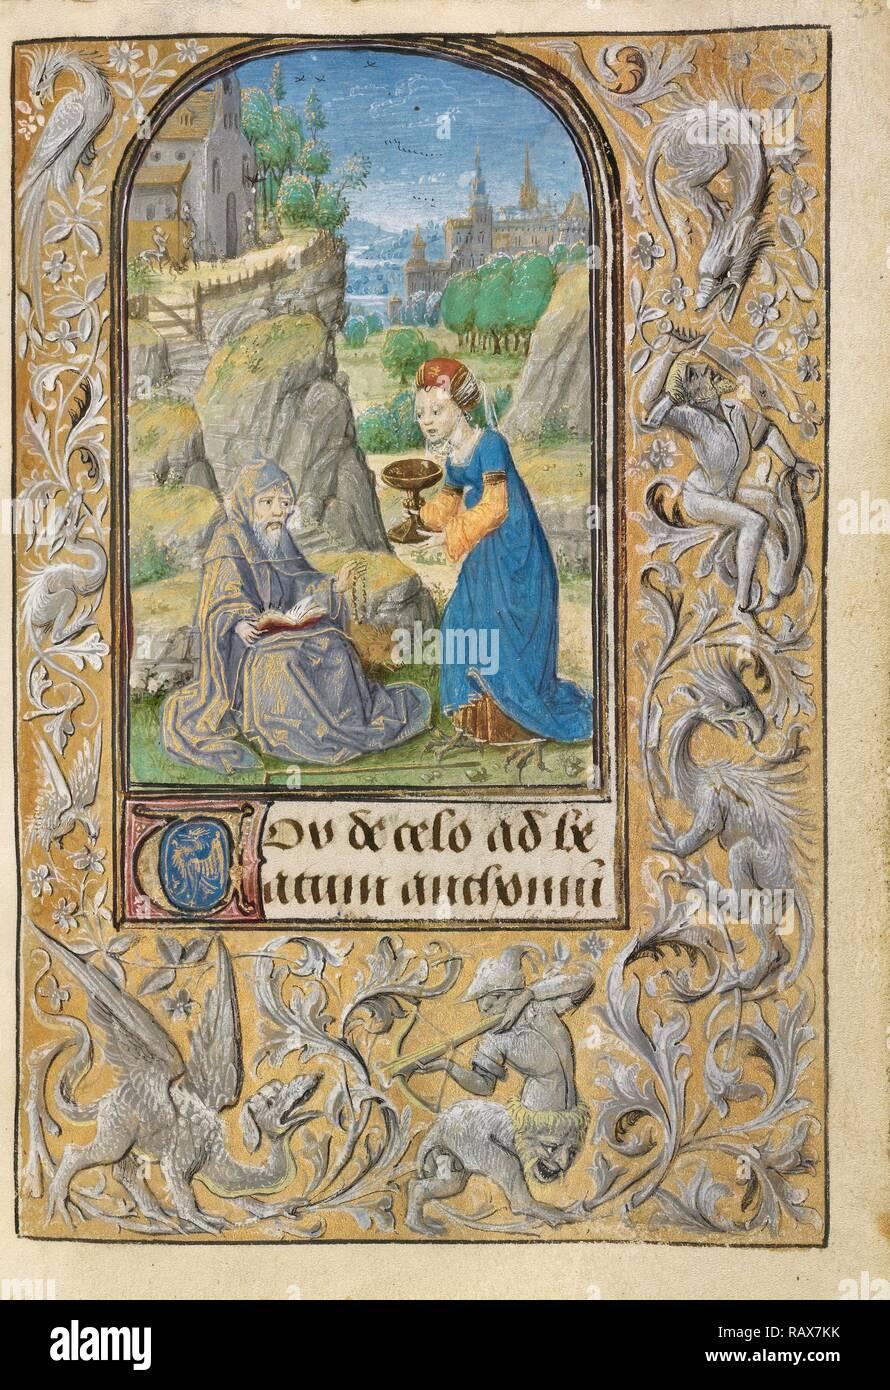 La Tentation de Saint Antoine, Lieven Van Lathem, flamand, environ 1430 - 1493 1454 - 1493, active, Gand (écrit repensé Photo Stock